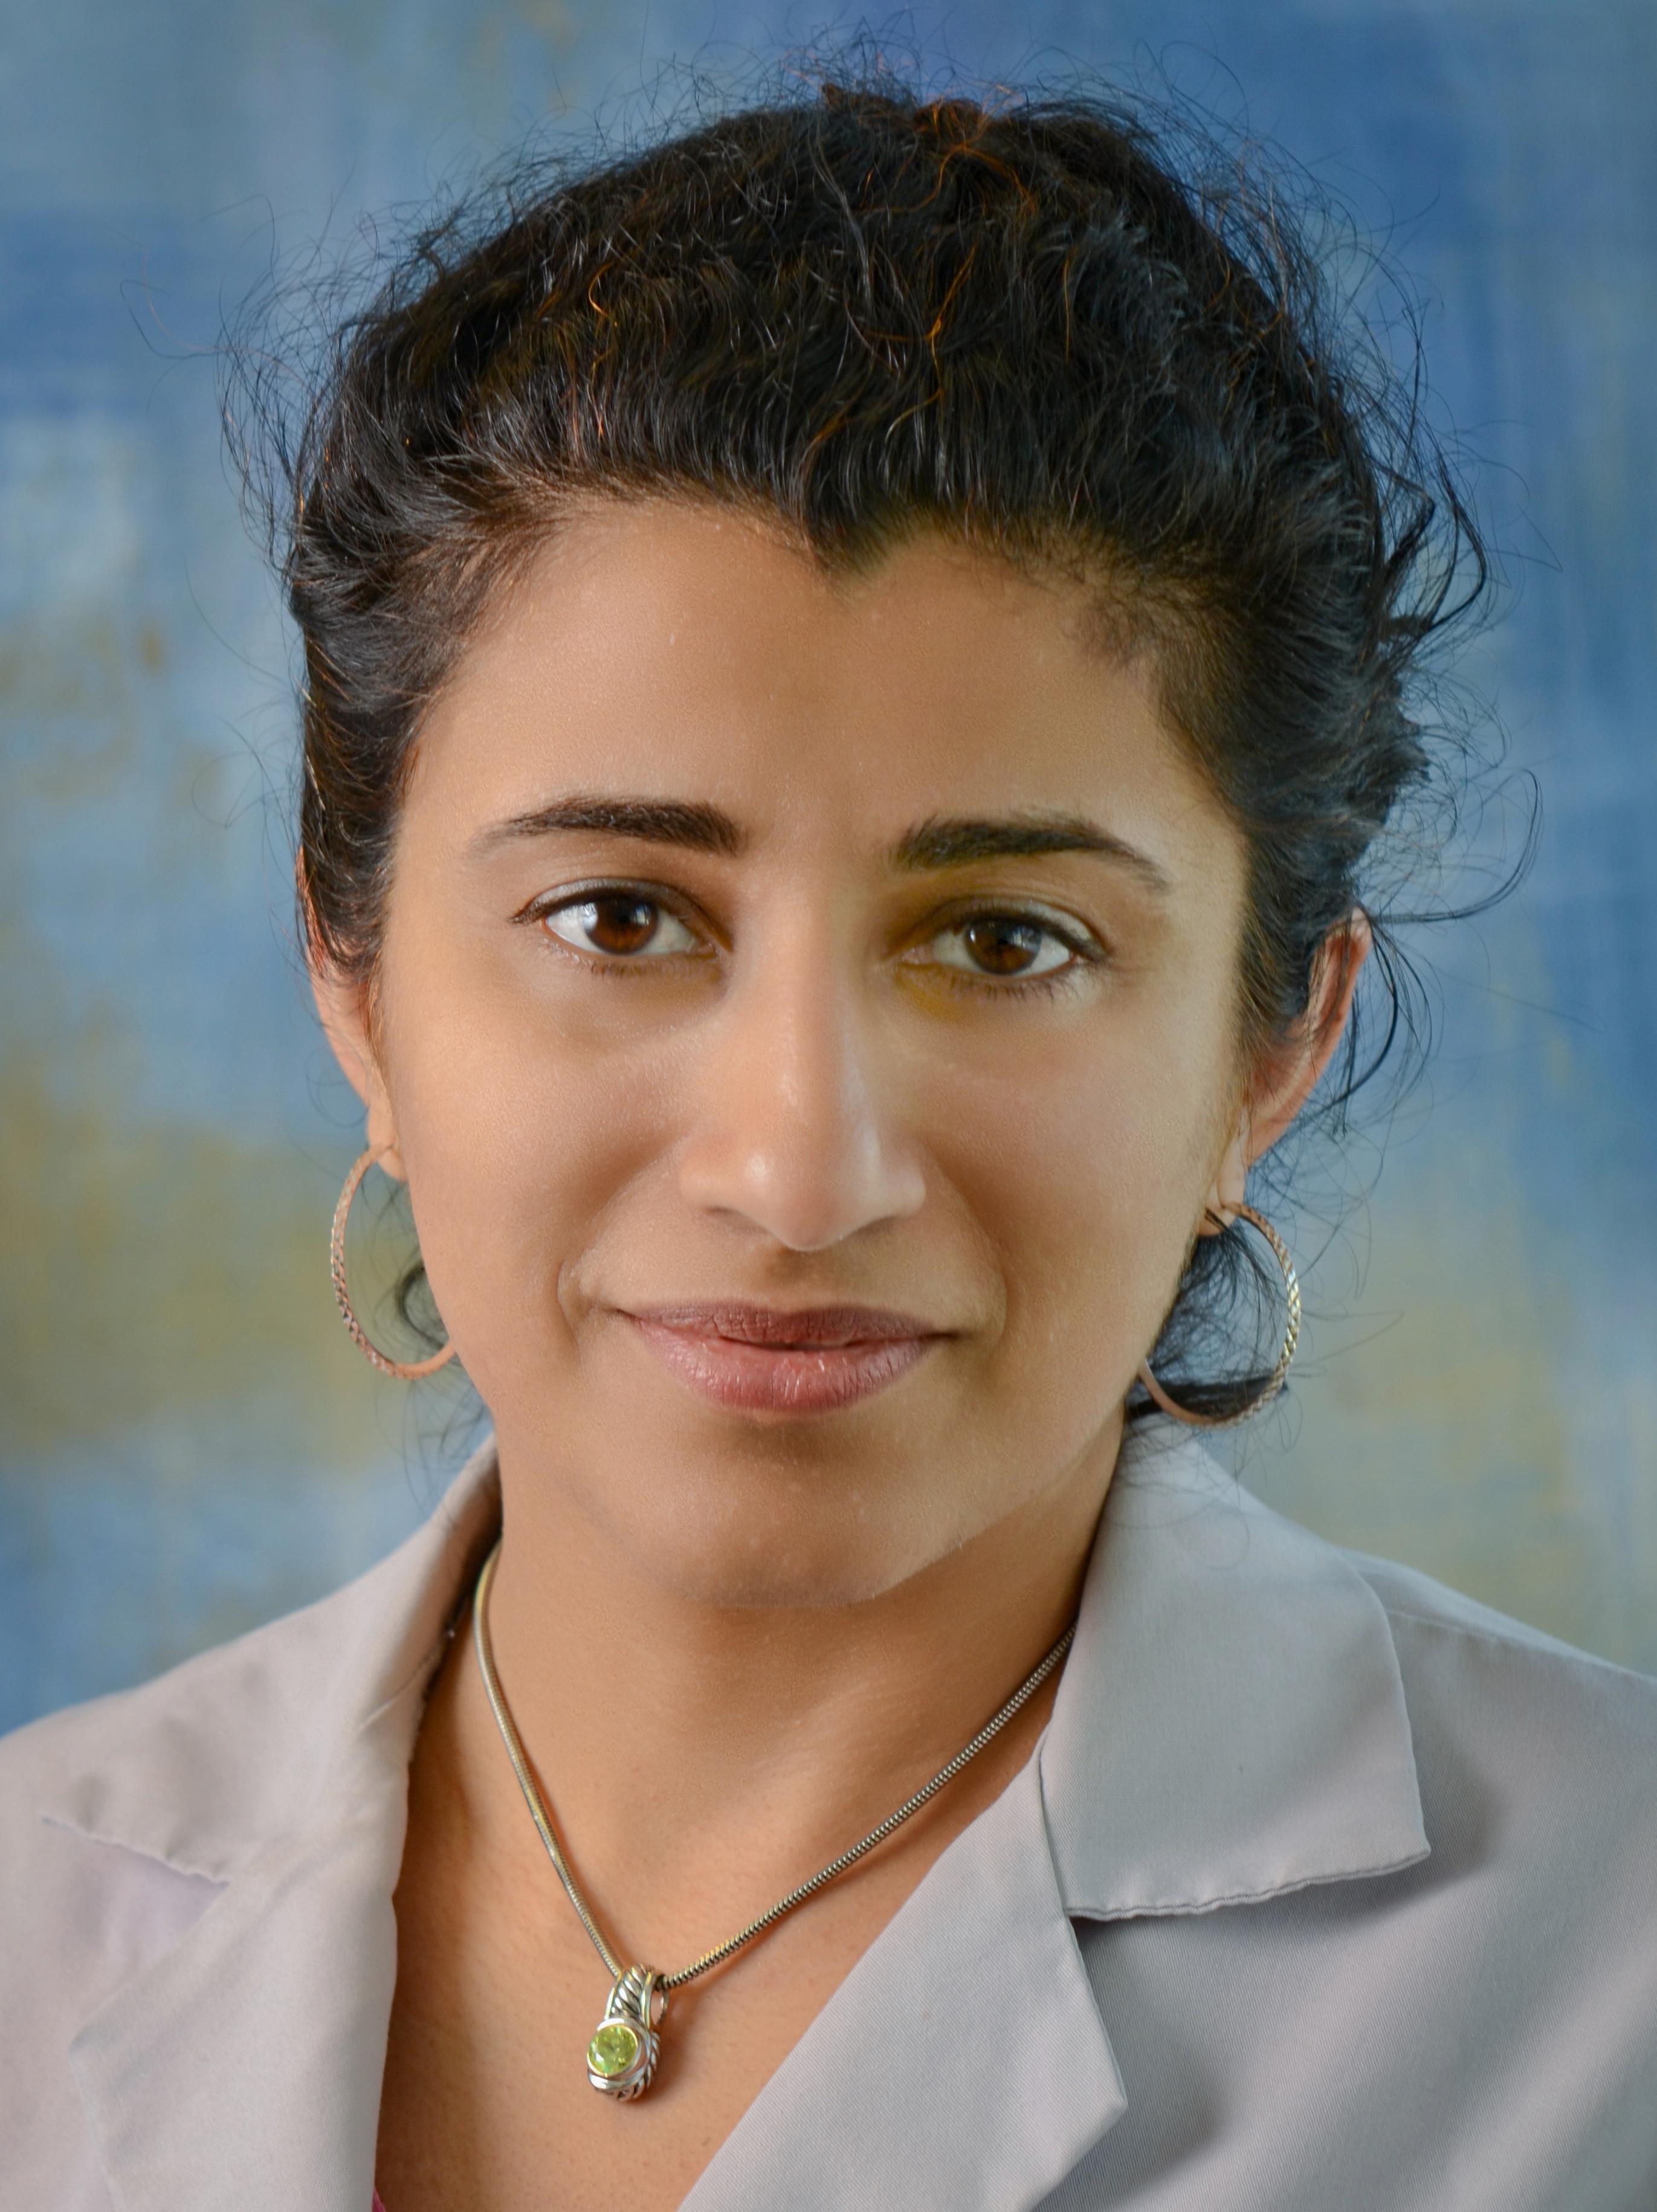 Taruna Waghray-Penmetcha, MD